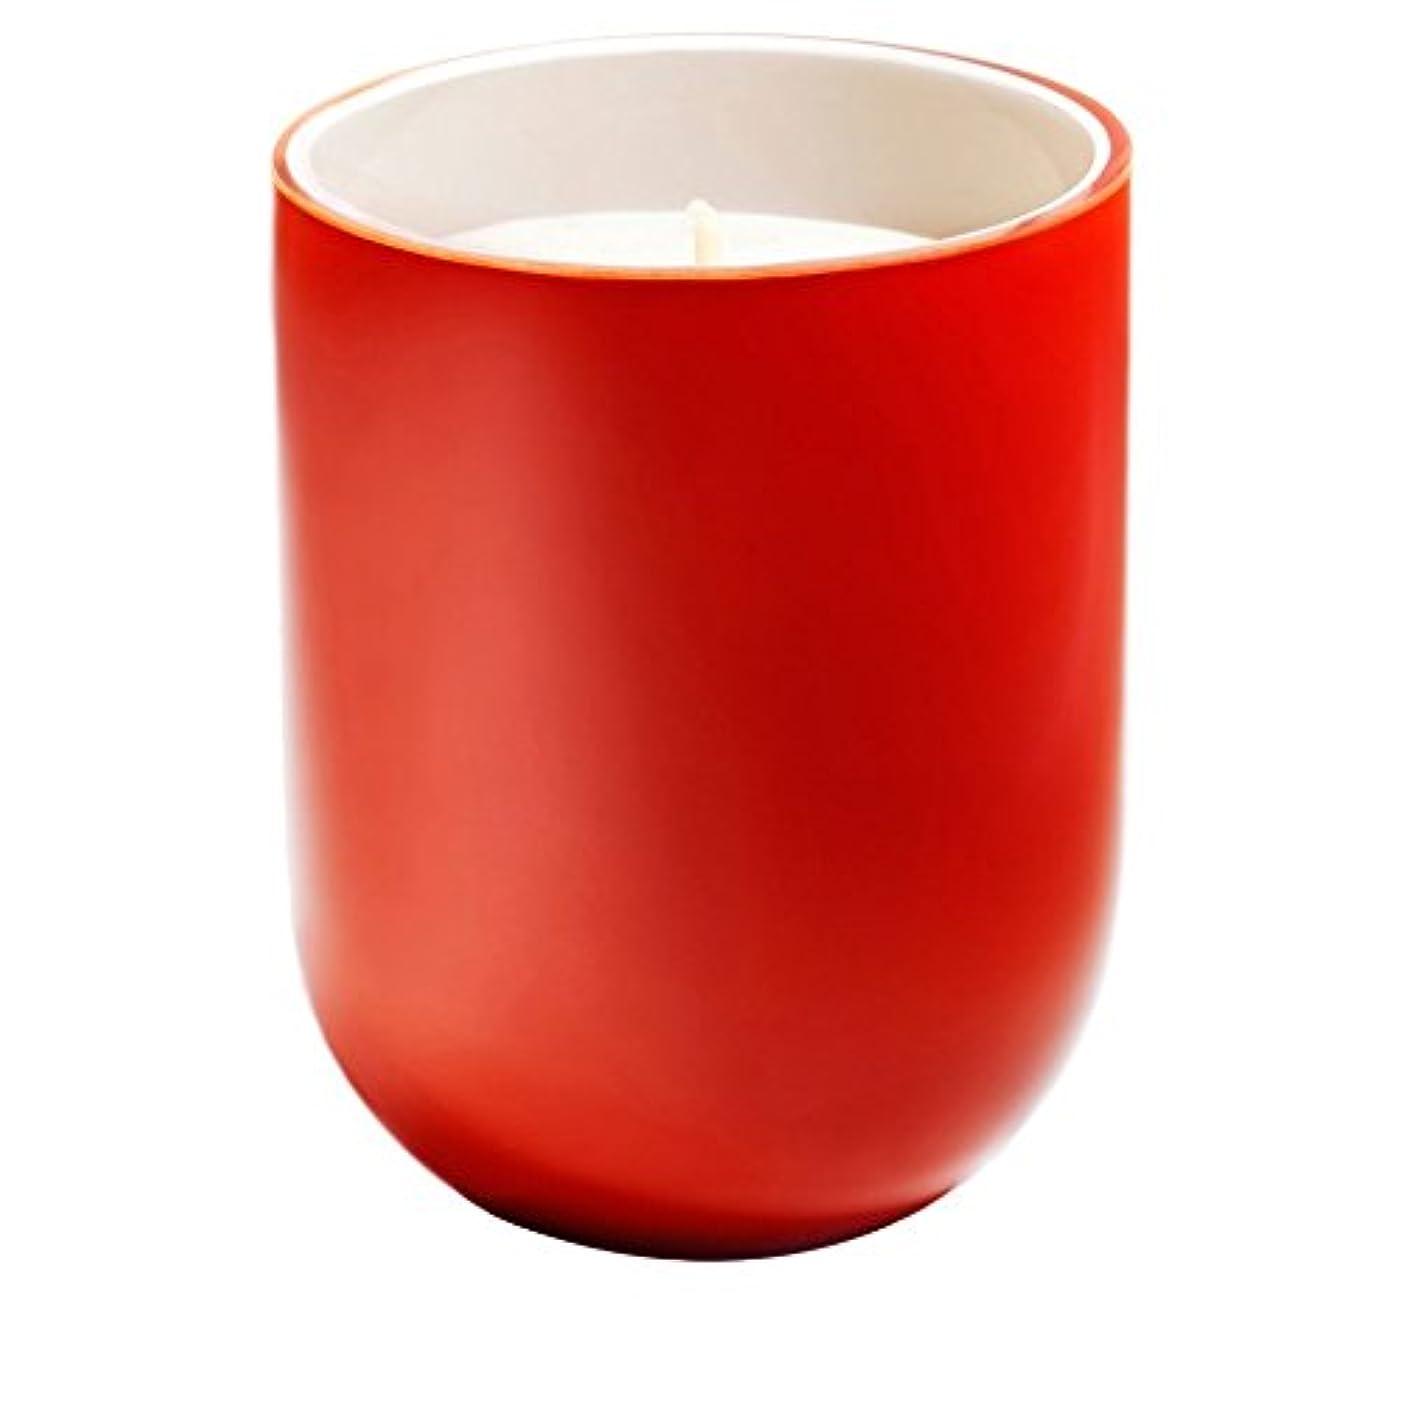 教師の日結婚倫理的Frederic Malle Russian Night Scented Candle (Pack of 4) - フレデリック?マルロシアの夜香りのキャンドル x4 [並行輸入品]